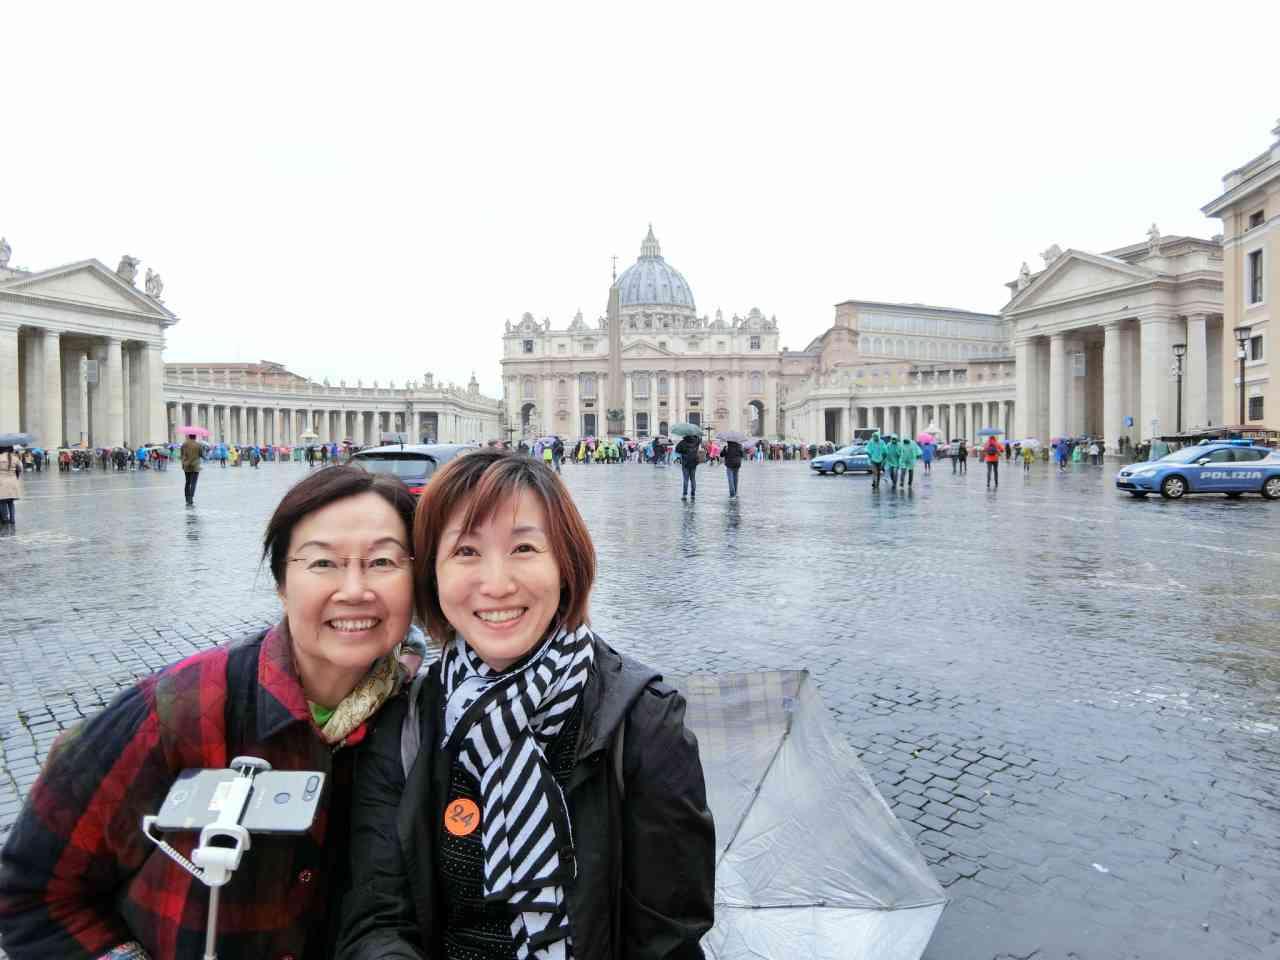 【郵輪 巴塞隆納】Day10 Civitavecchia  羅馬/梵蒂岡